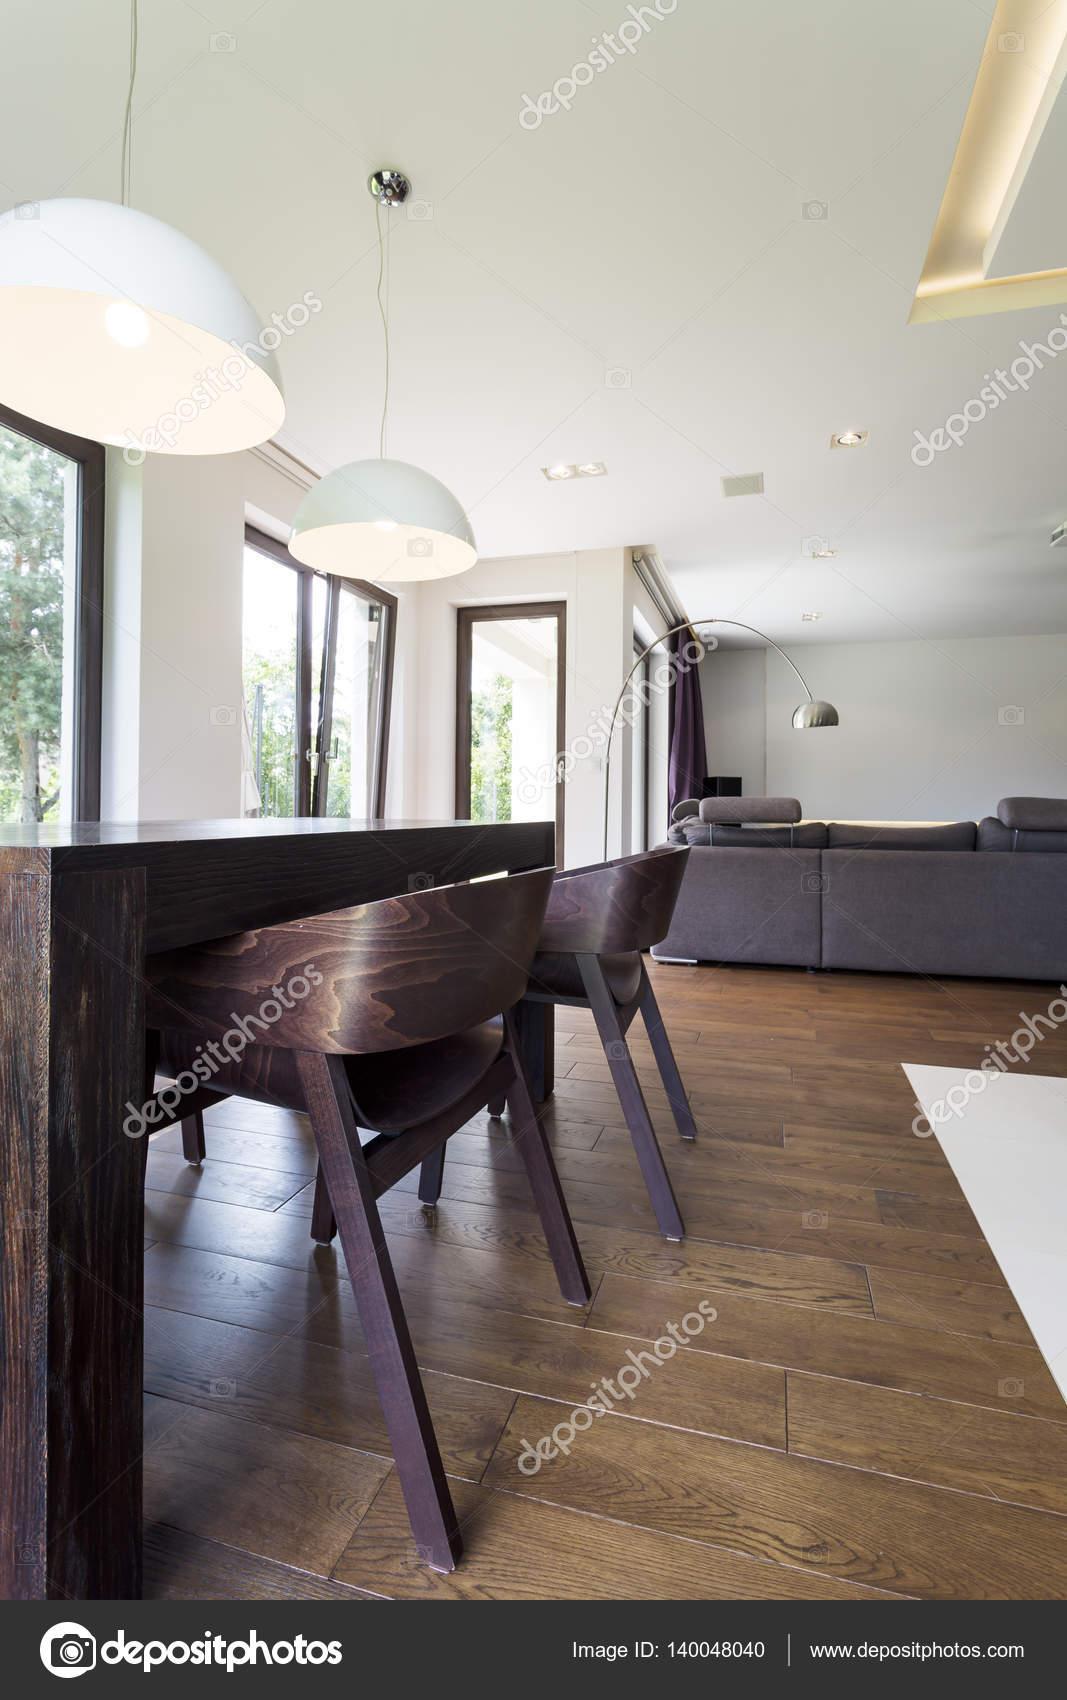 Stoelen in de woonkamer — Stockfoto © photographee.eu #140048040